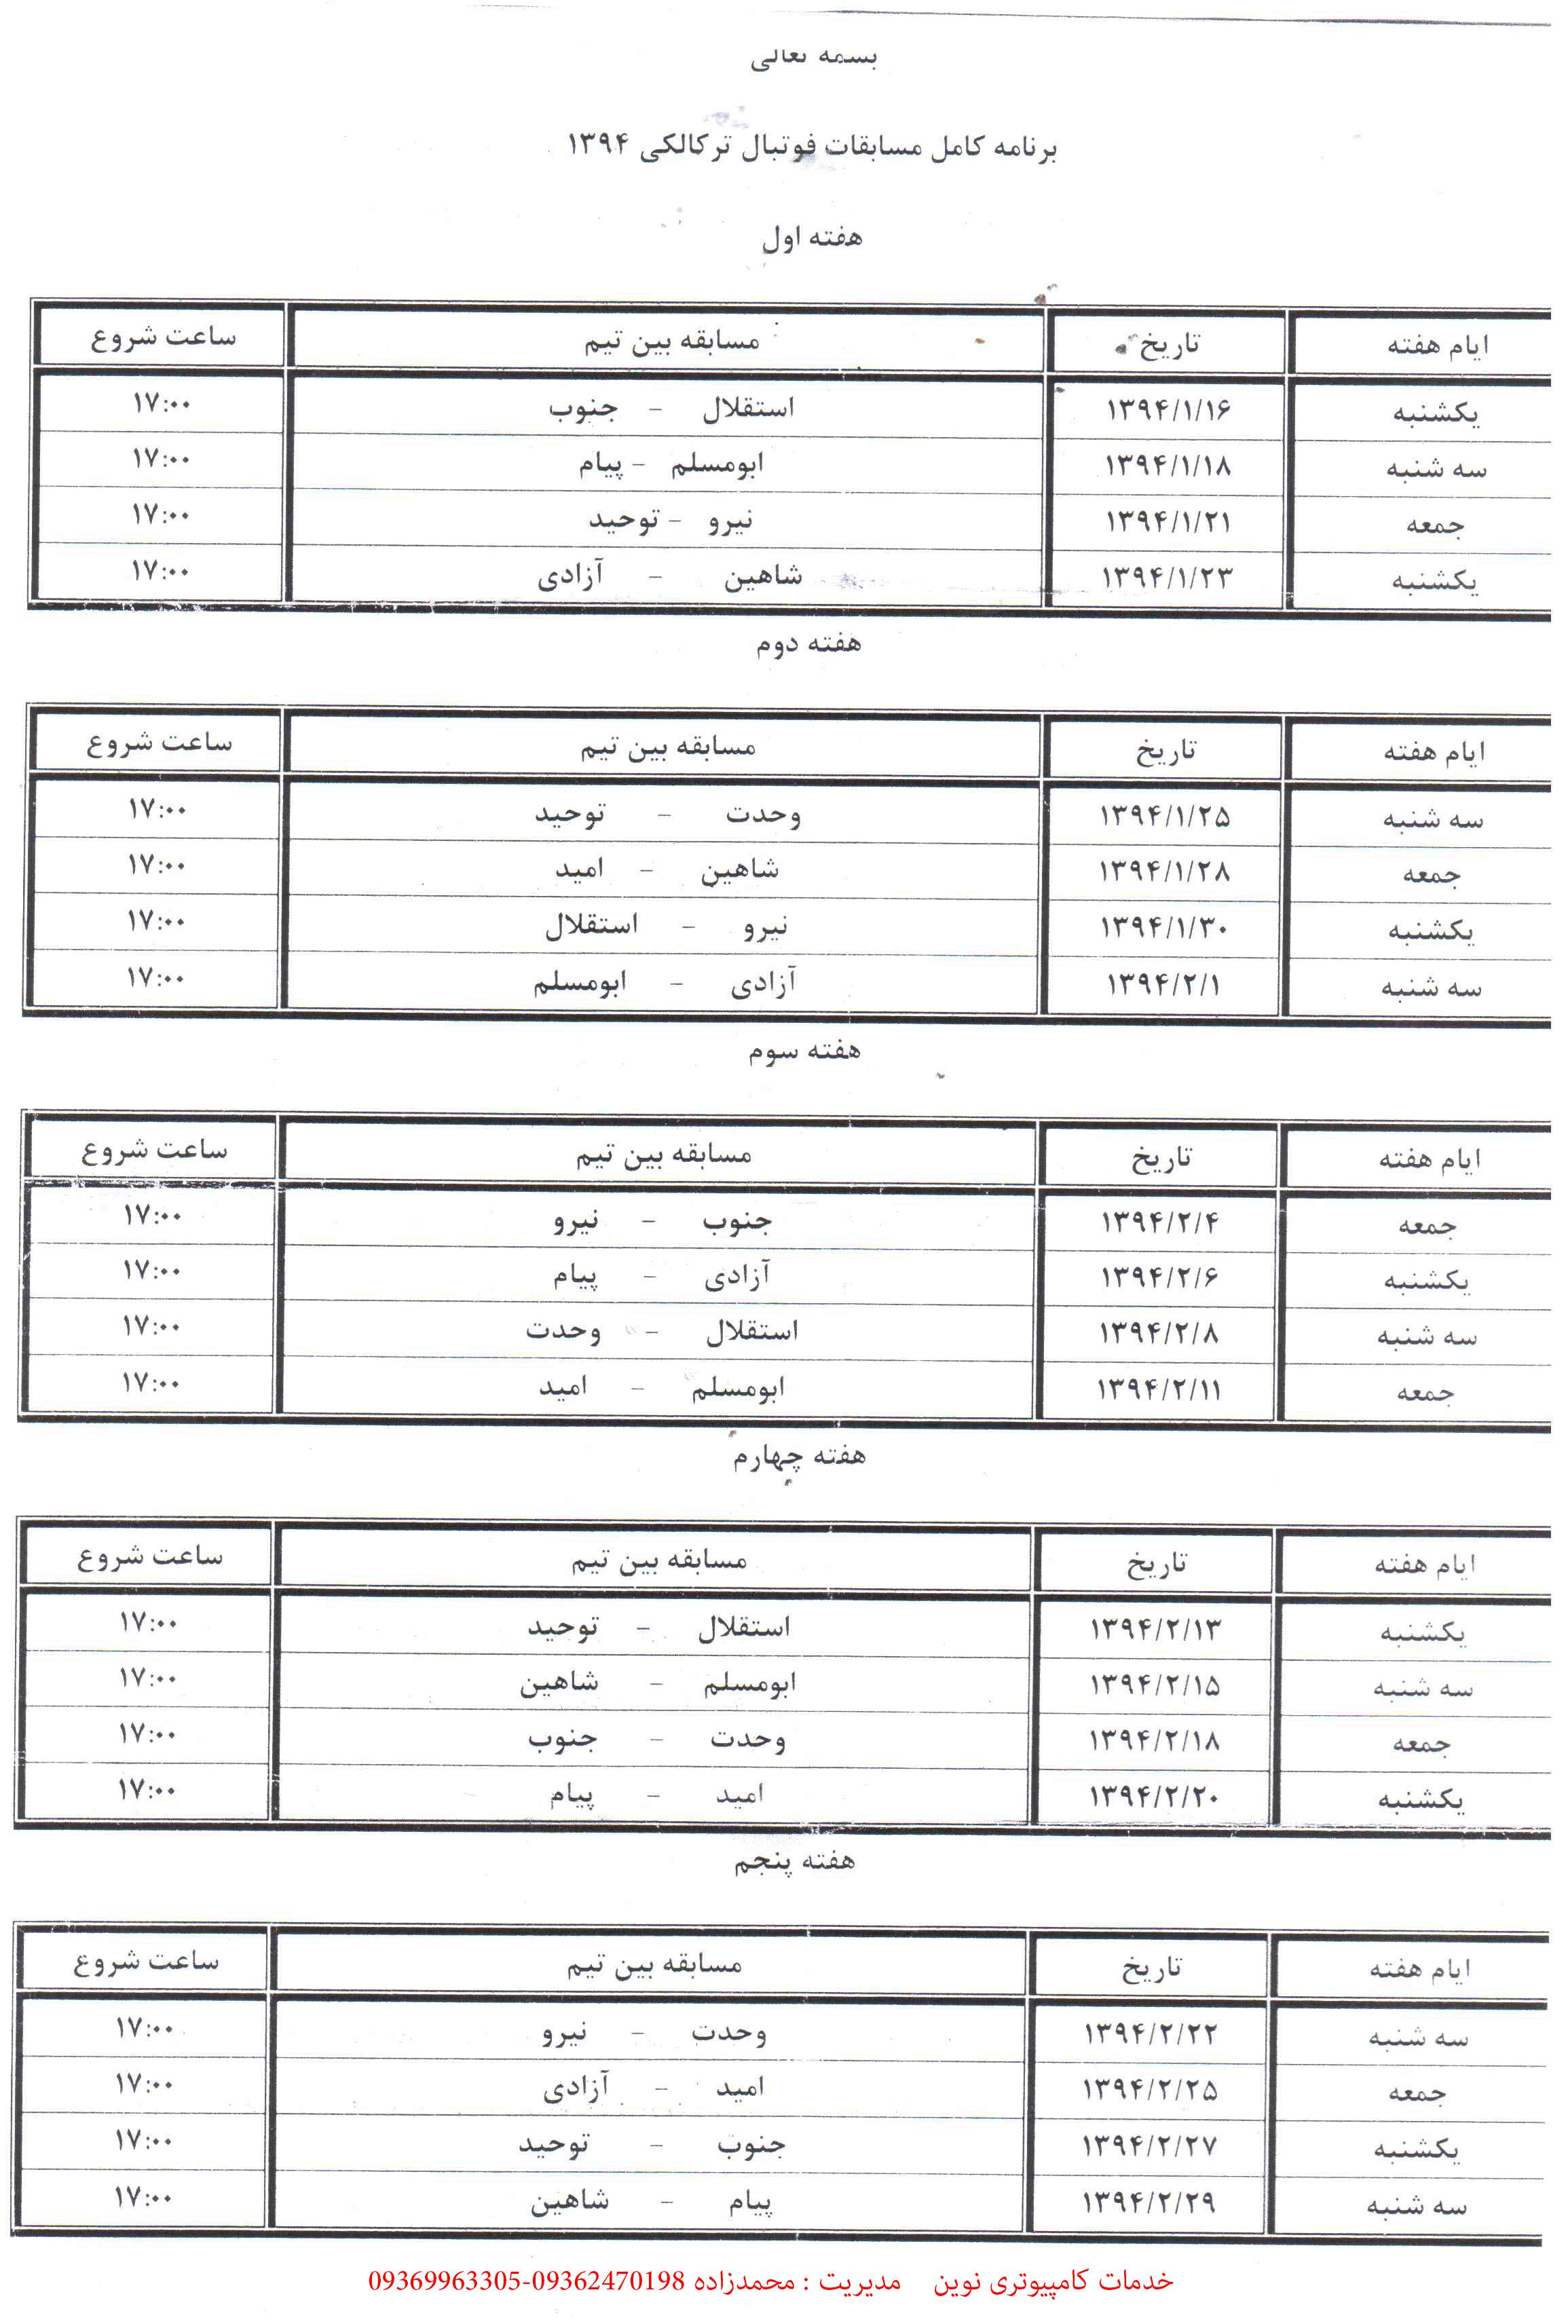 برنامه کامل مسابقات فوتبال شهر ترکالکی1394